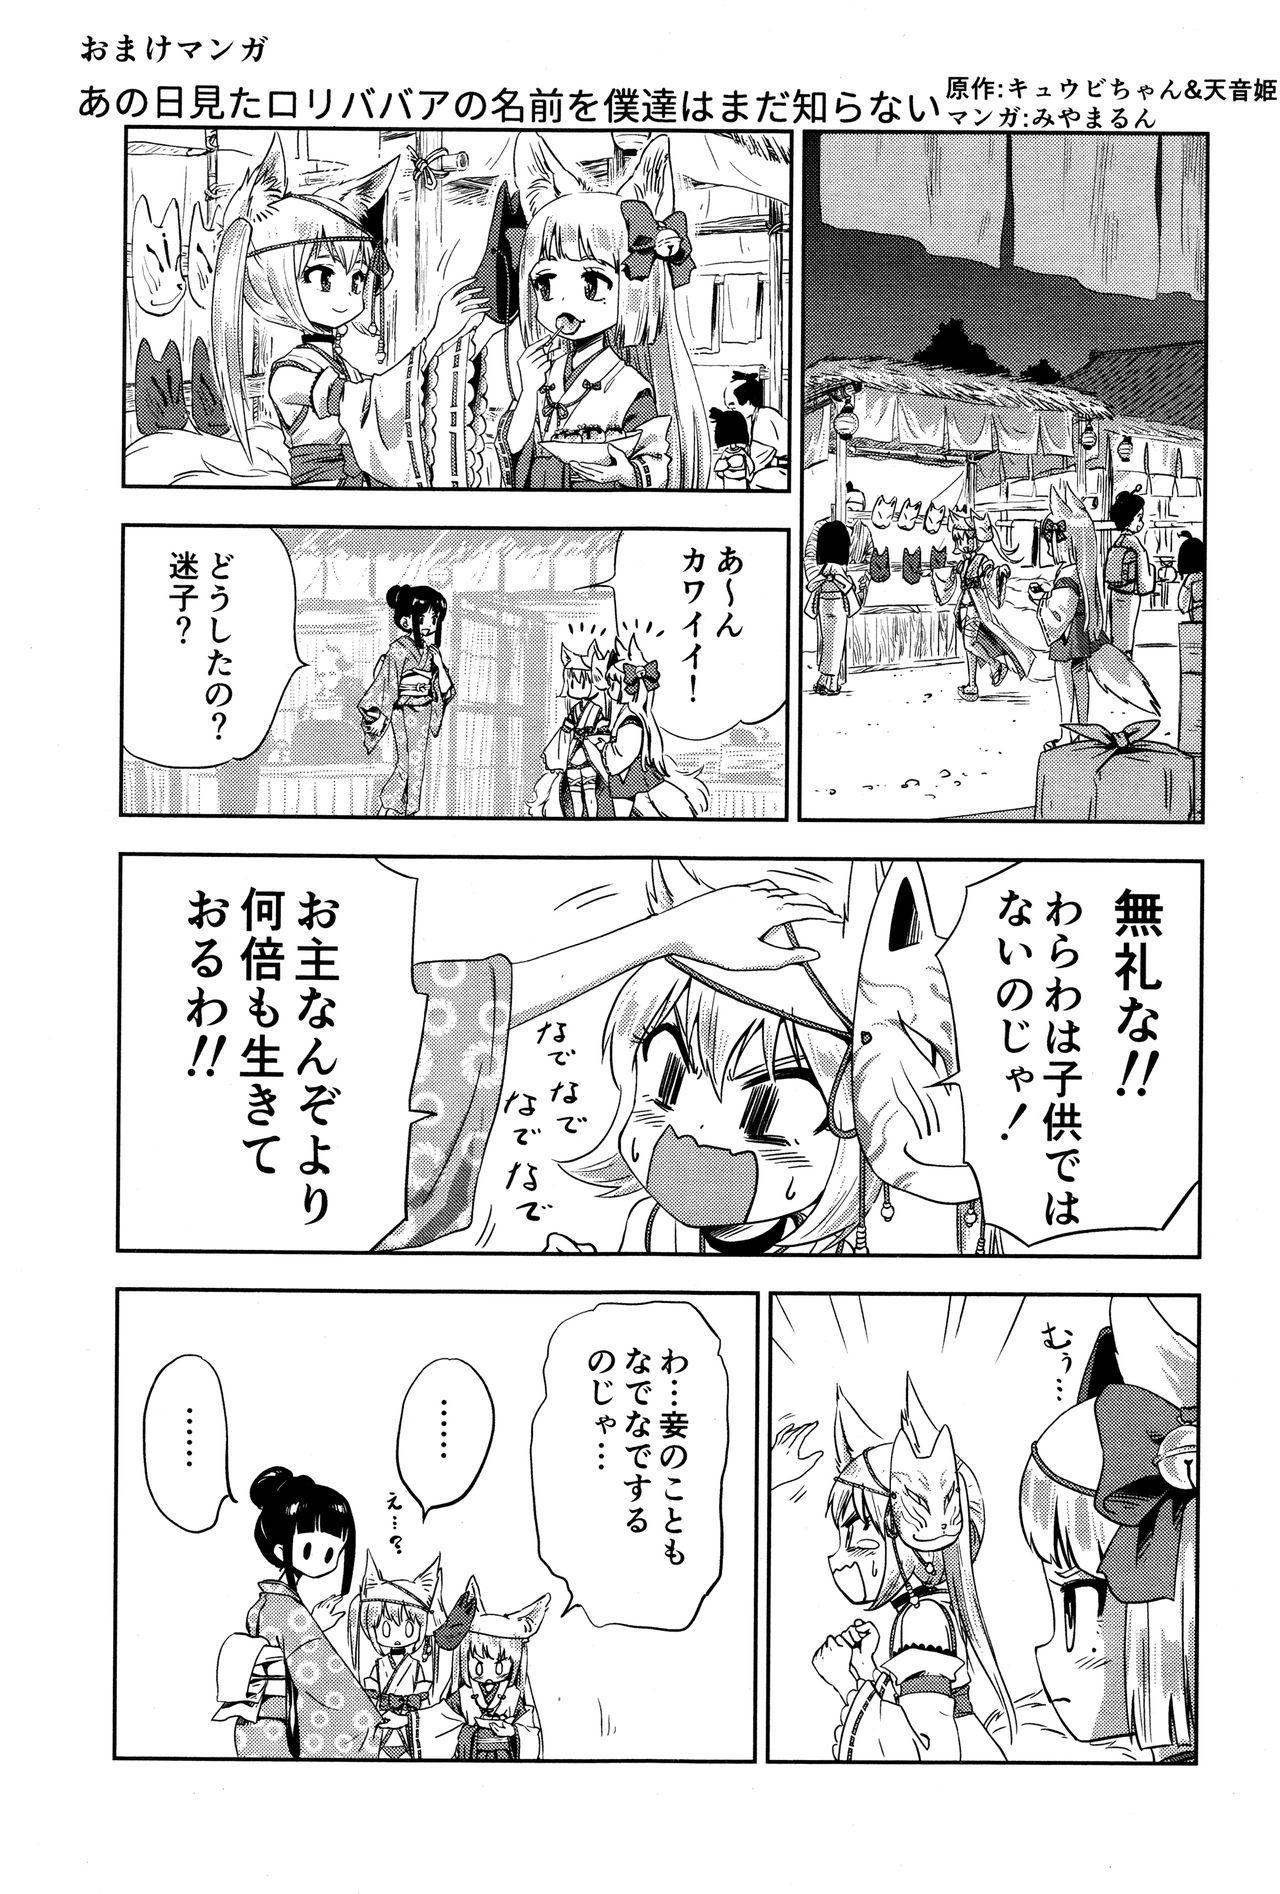 Towako Ichi 392